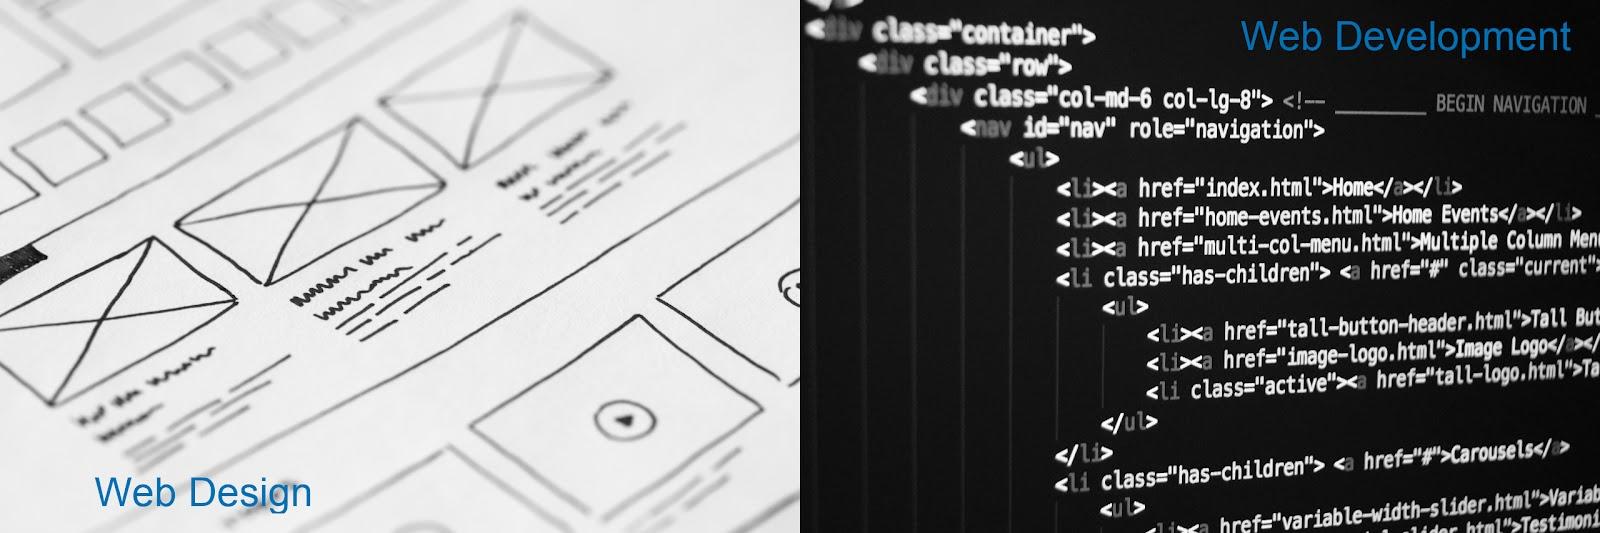 web design vs web development comparison